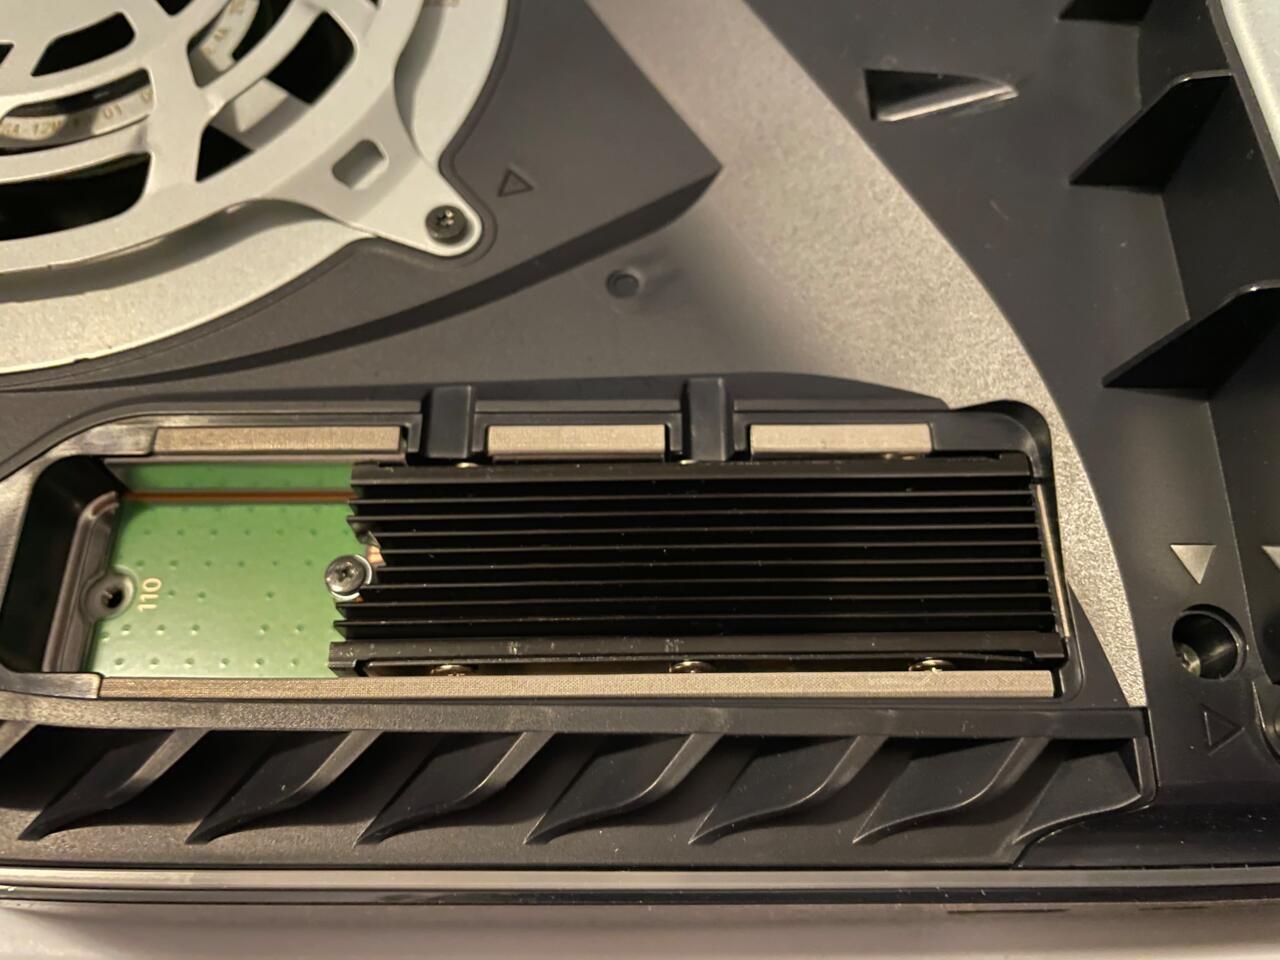 M.2 SSD instalado no PS5